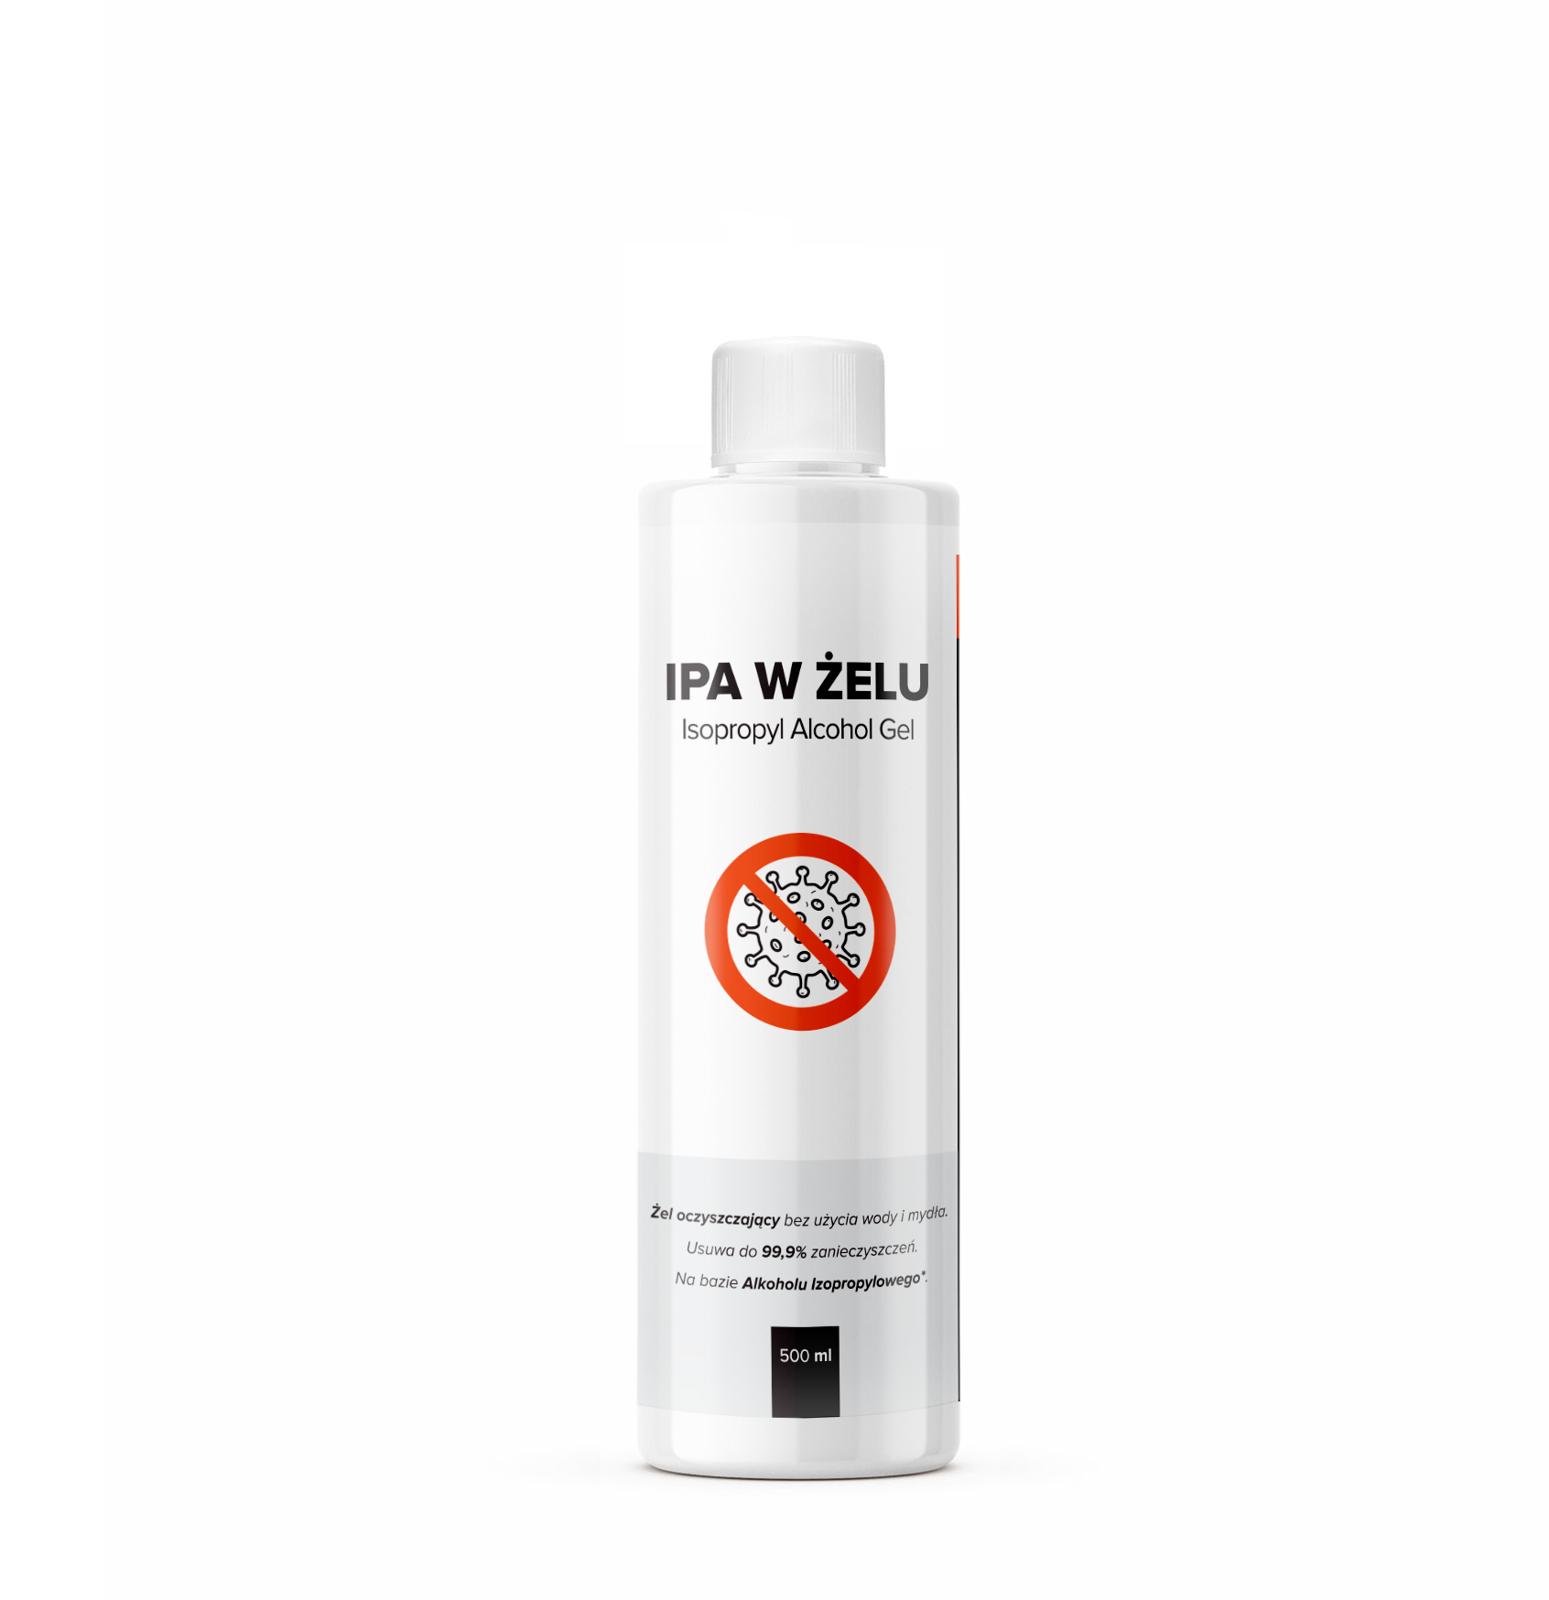 RR Customs IPA w żelu - alkohol izopropylowy w żelu do dezynfekcji 500 ml